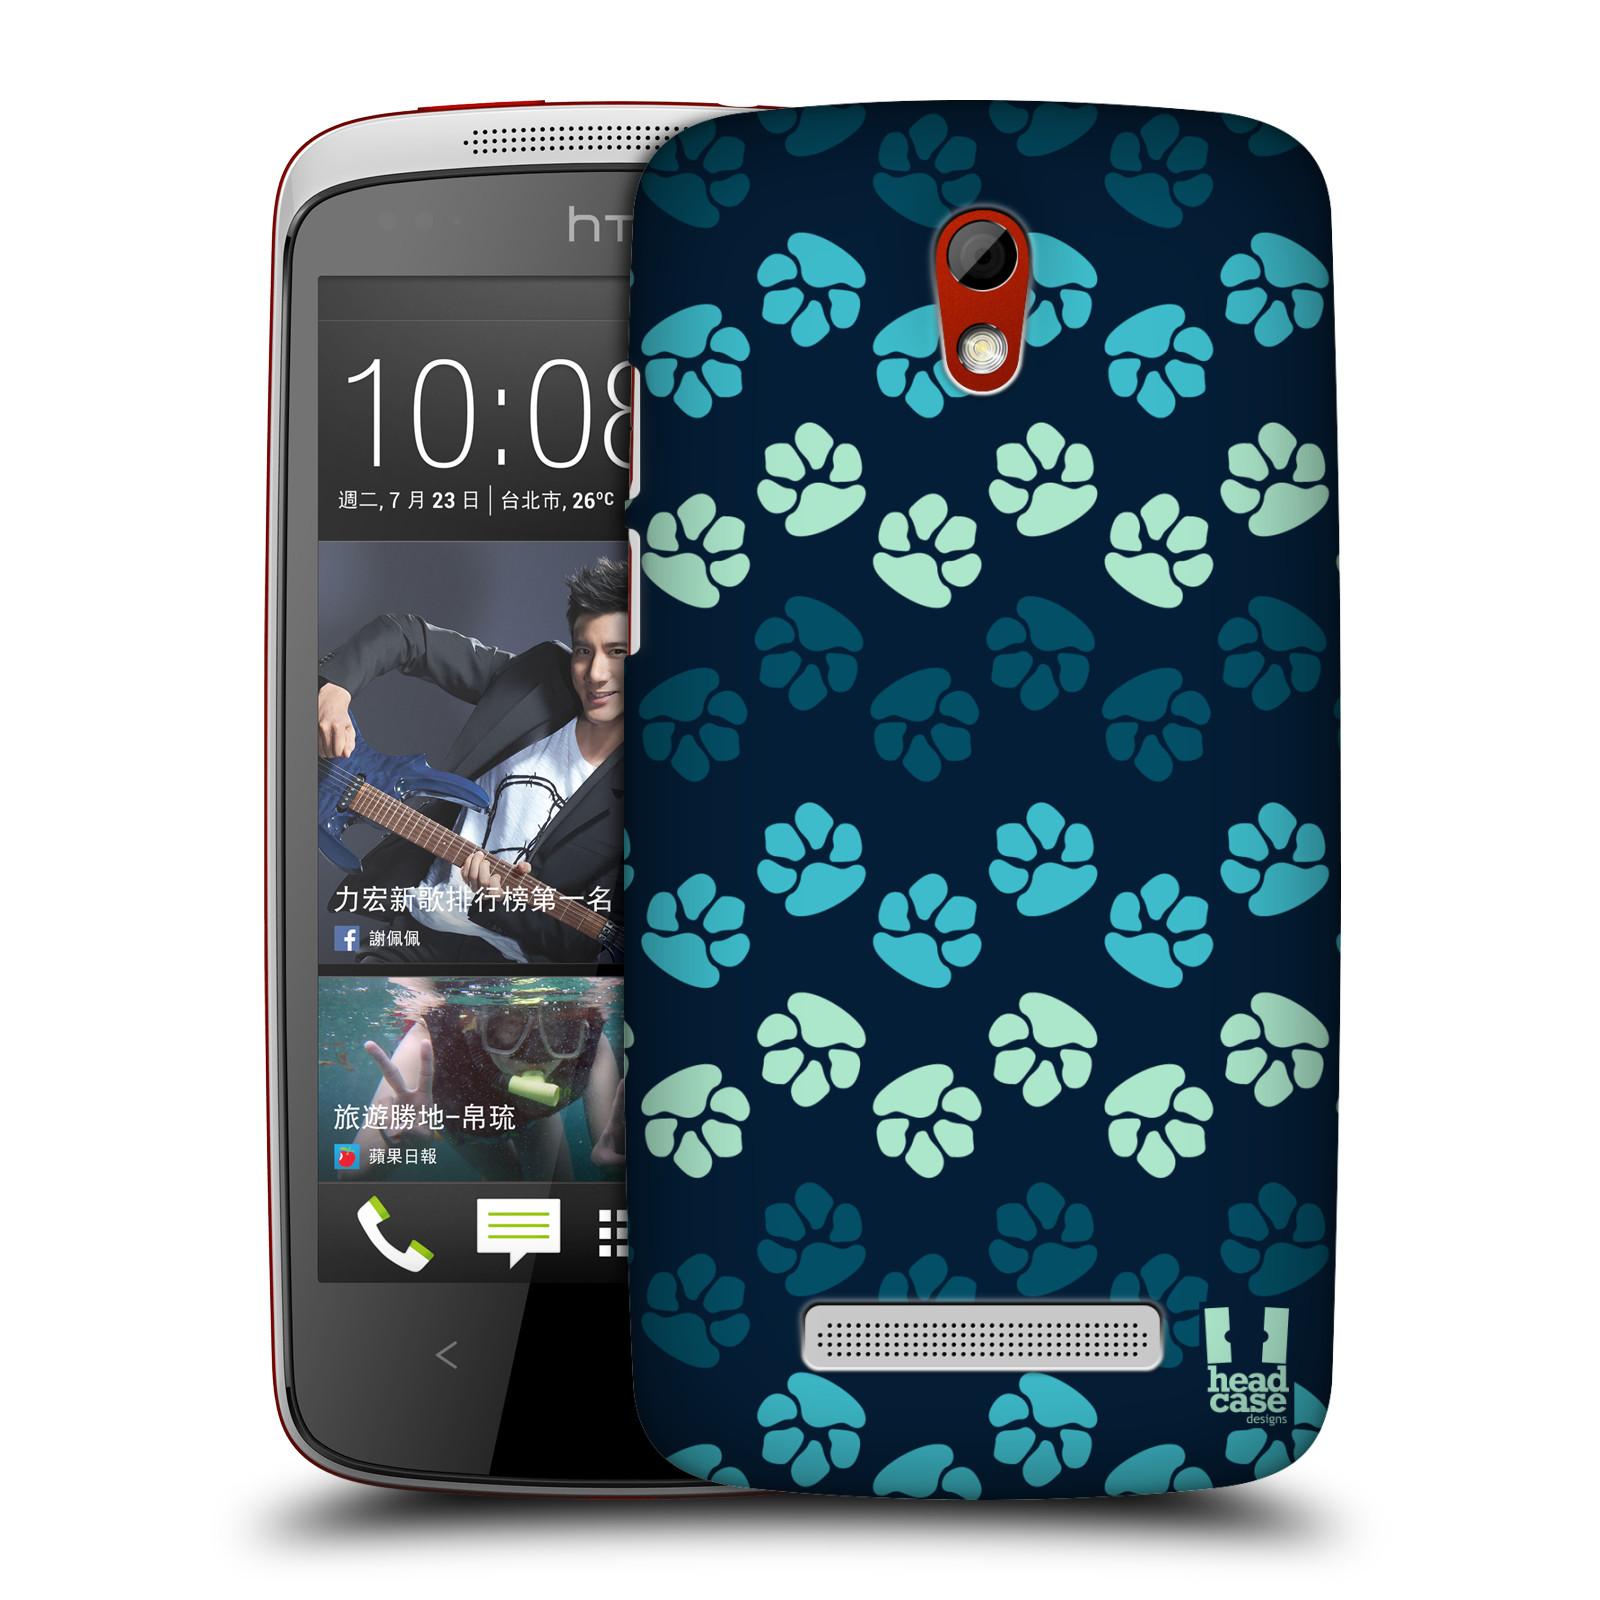 Plastové pouzdro na mobil HTC Desire 500 HEAD CASE TLAPKY MODRÉ (Kryt či obal na mobilní telefon HTC Desire 500)